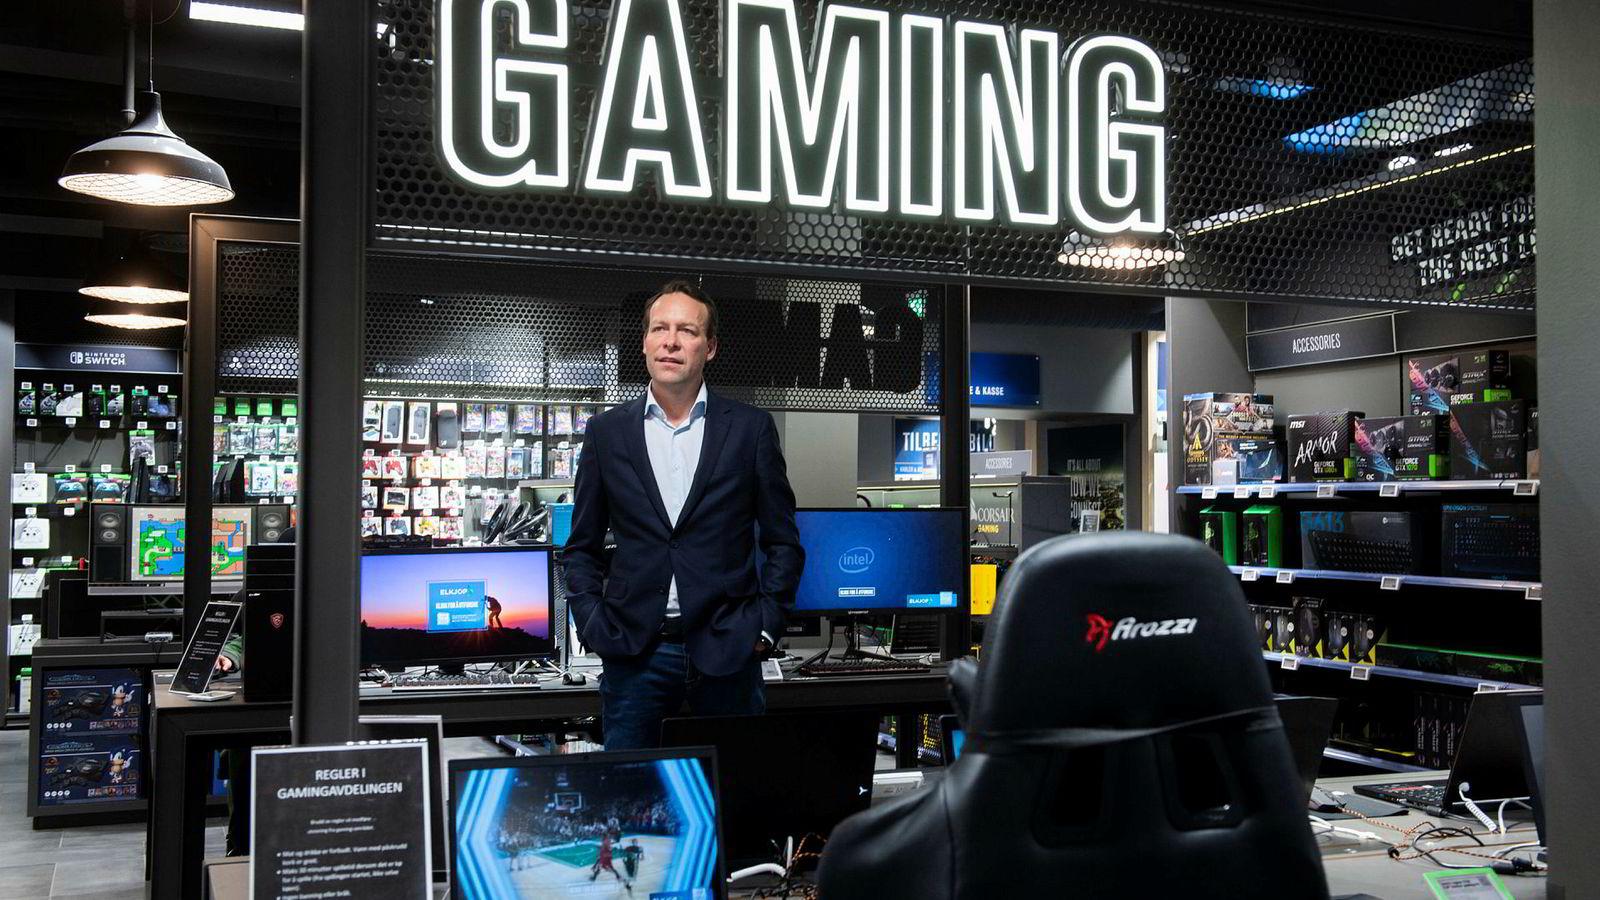 Elkjøp har laget spillsoner i mange av butikkene. Her Elkjøp-sjefen Jaan Ivar Semlitsch, i butikken i Glassmagasinet.